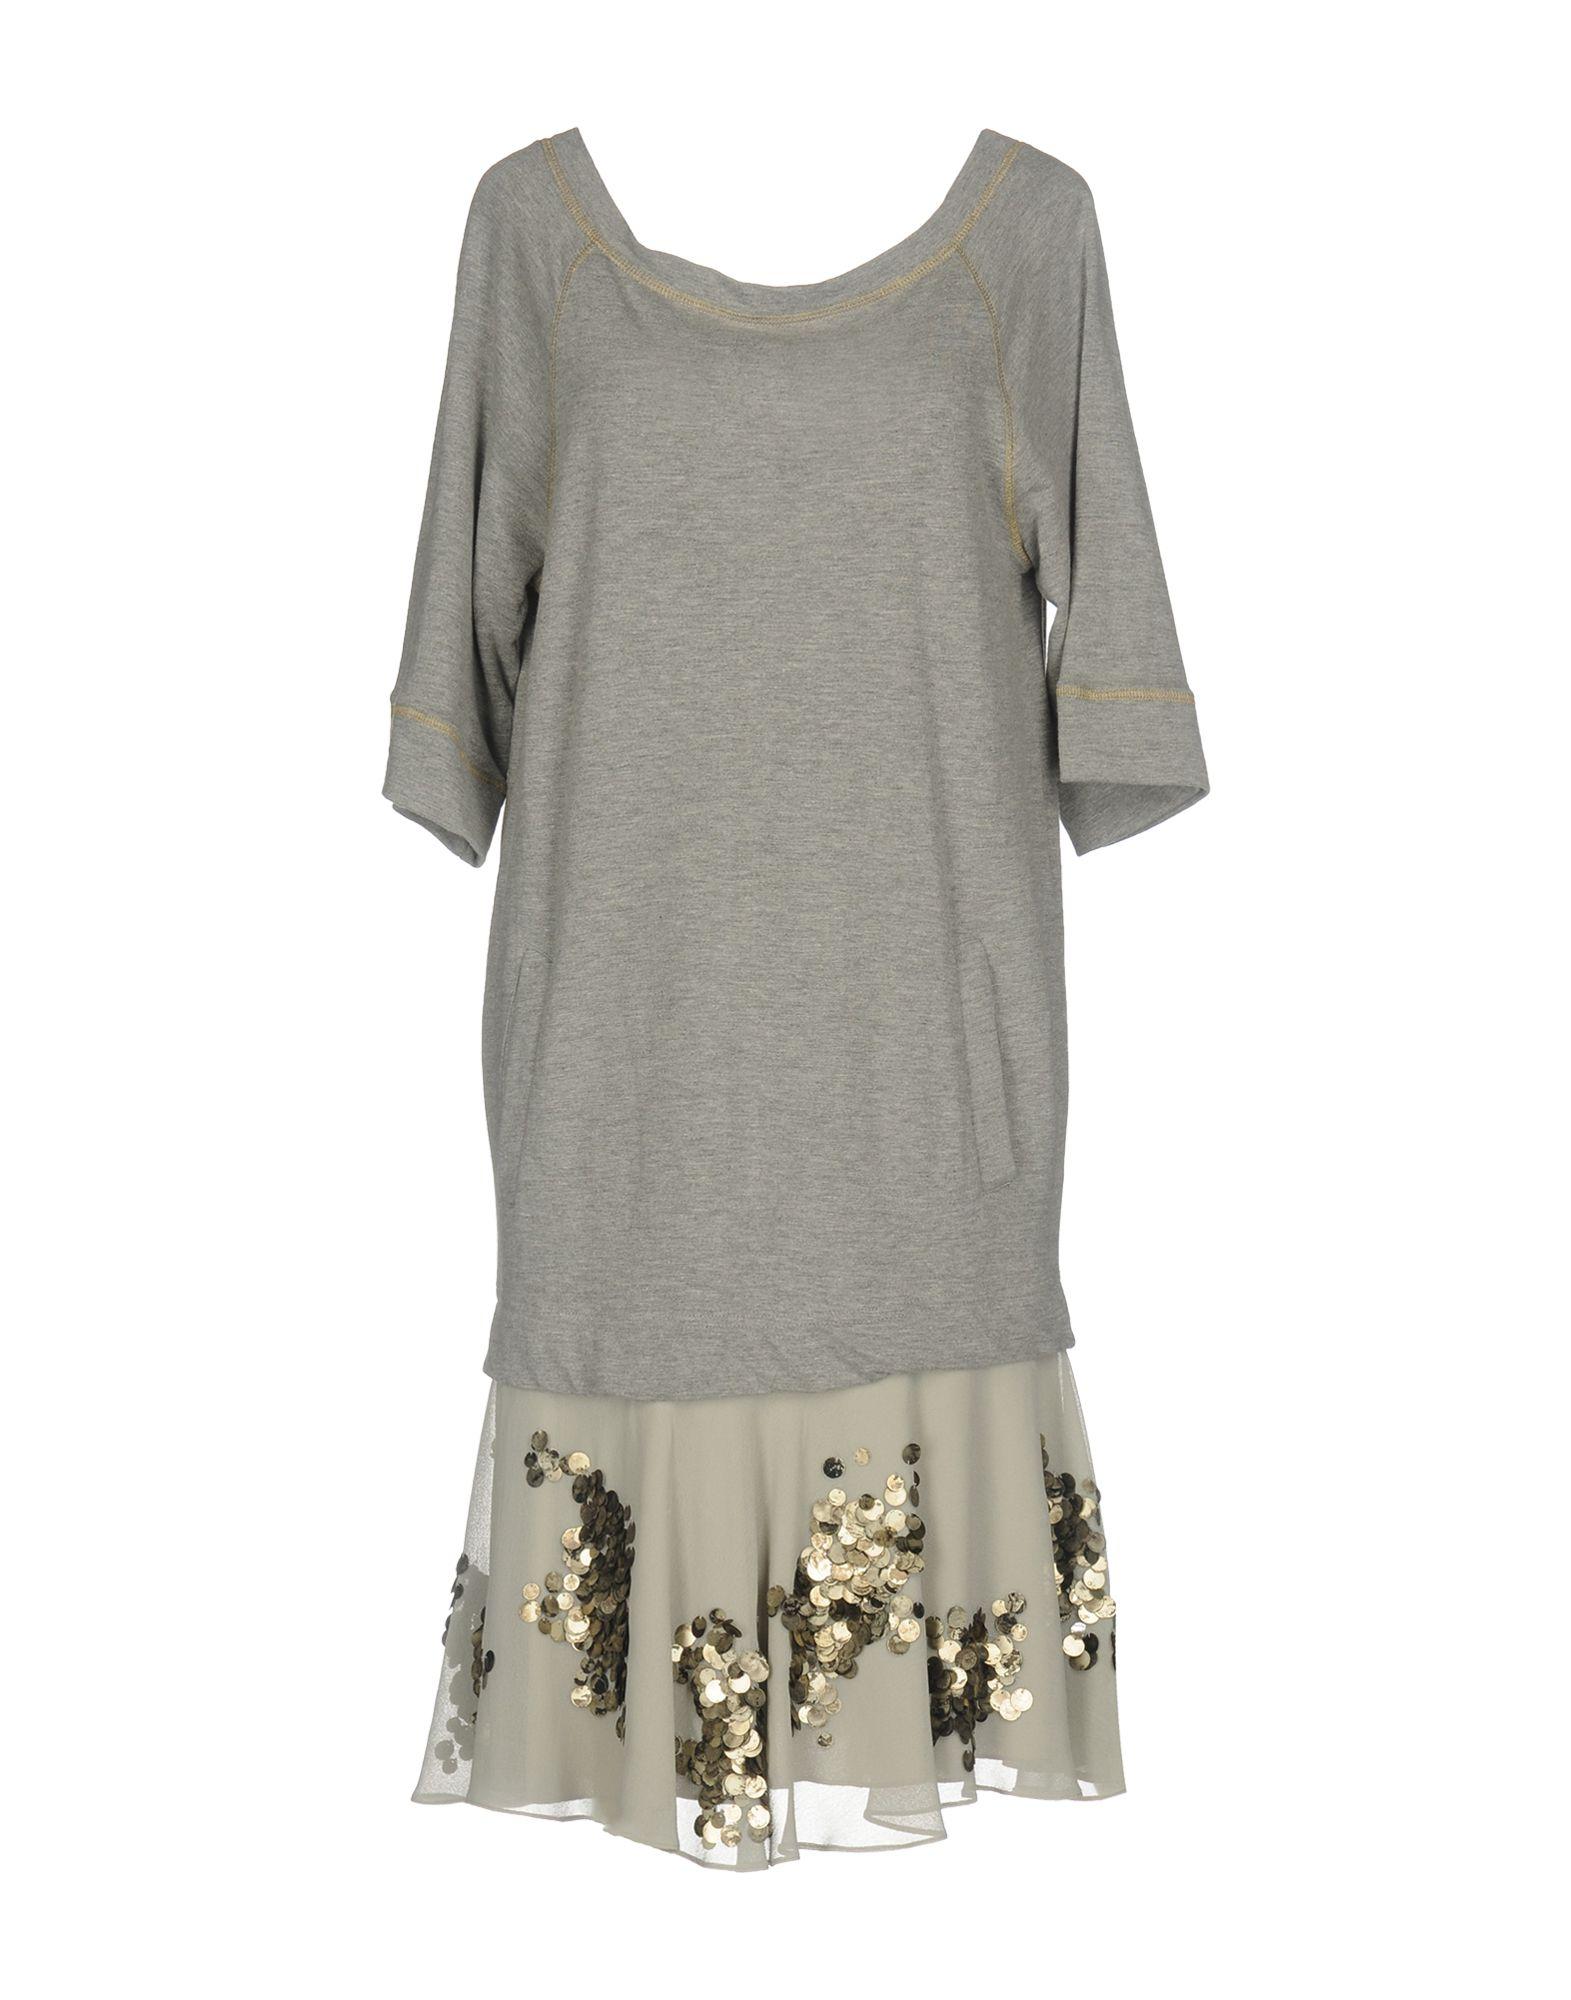 SISTE´ S Damen Kurzes Kleid Farbe Grau Größe 5 jetztbilligerkaufen